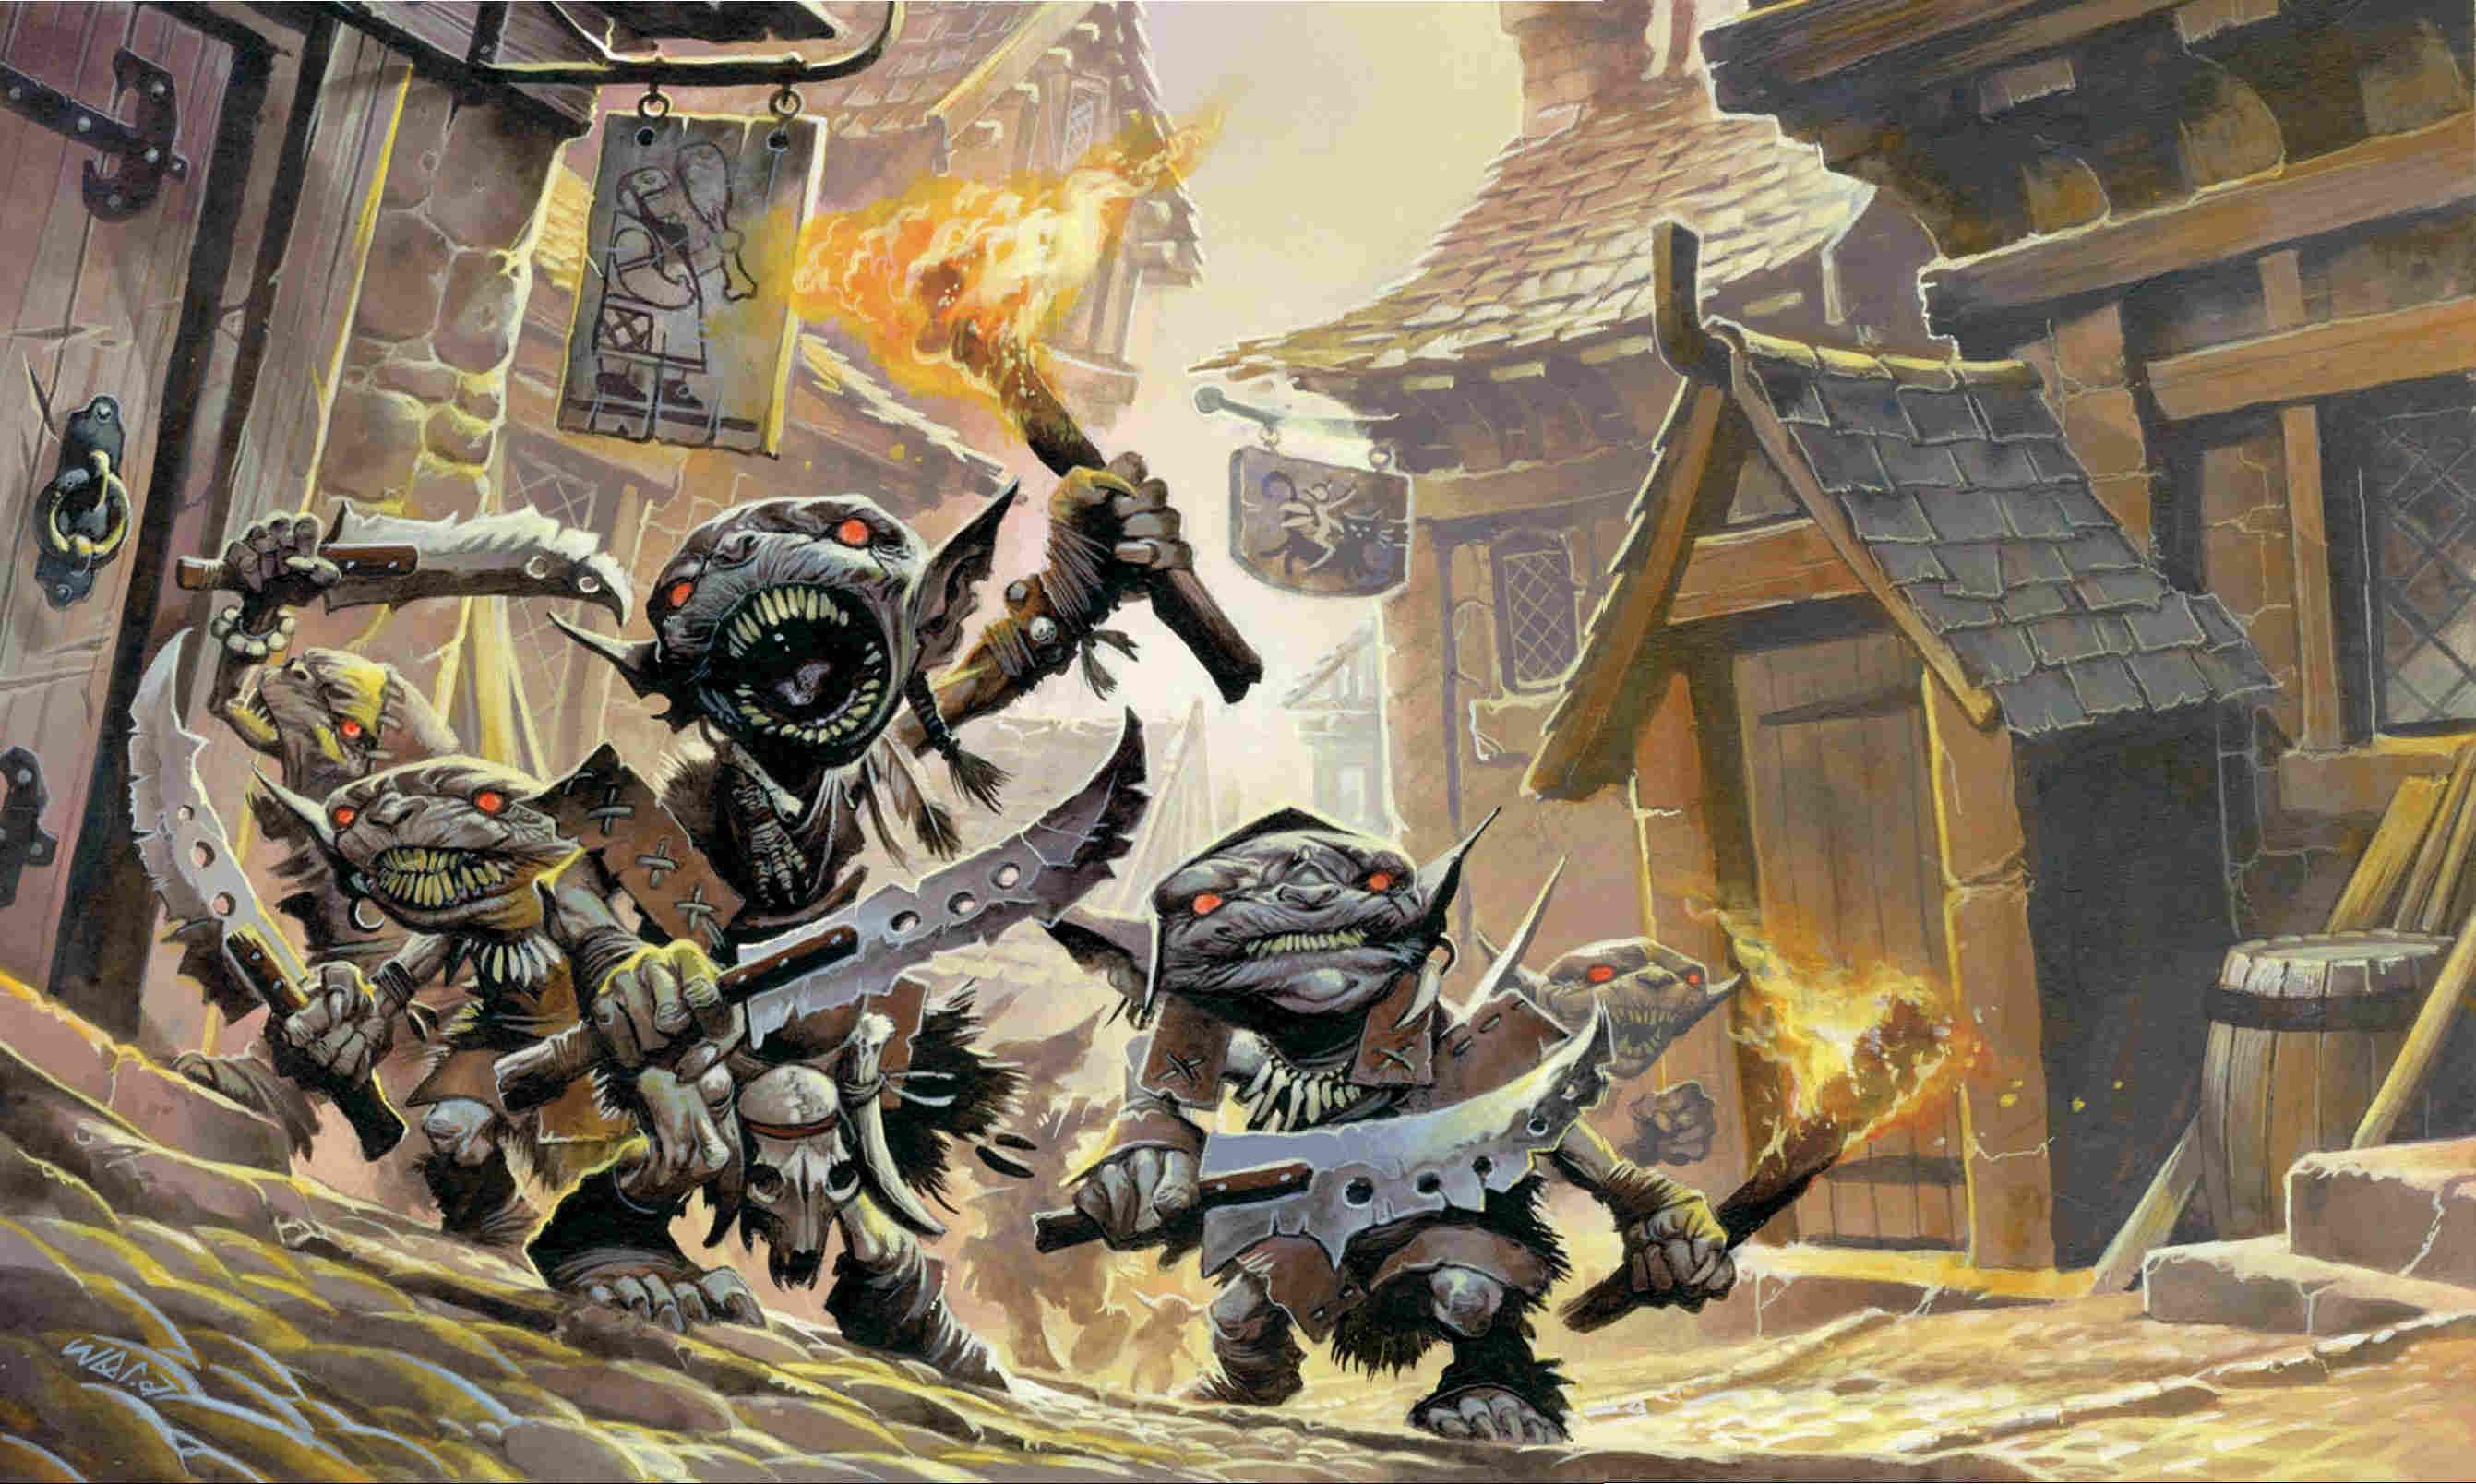 Дороги приключений: 7 главных кампаний для настольной ролевой игры Pathfinder 3